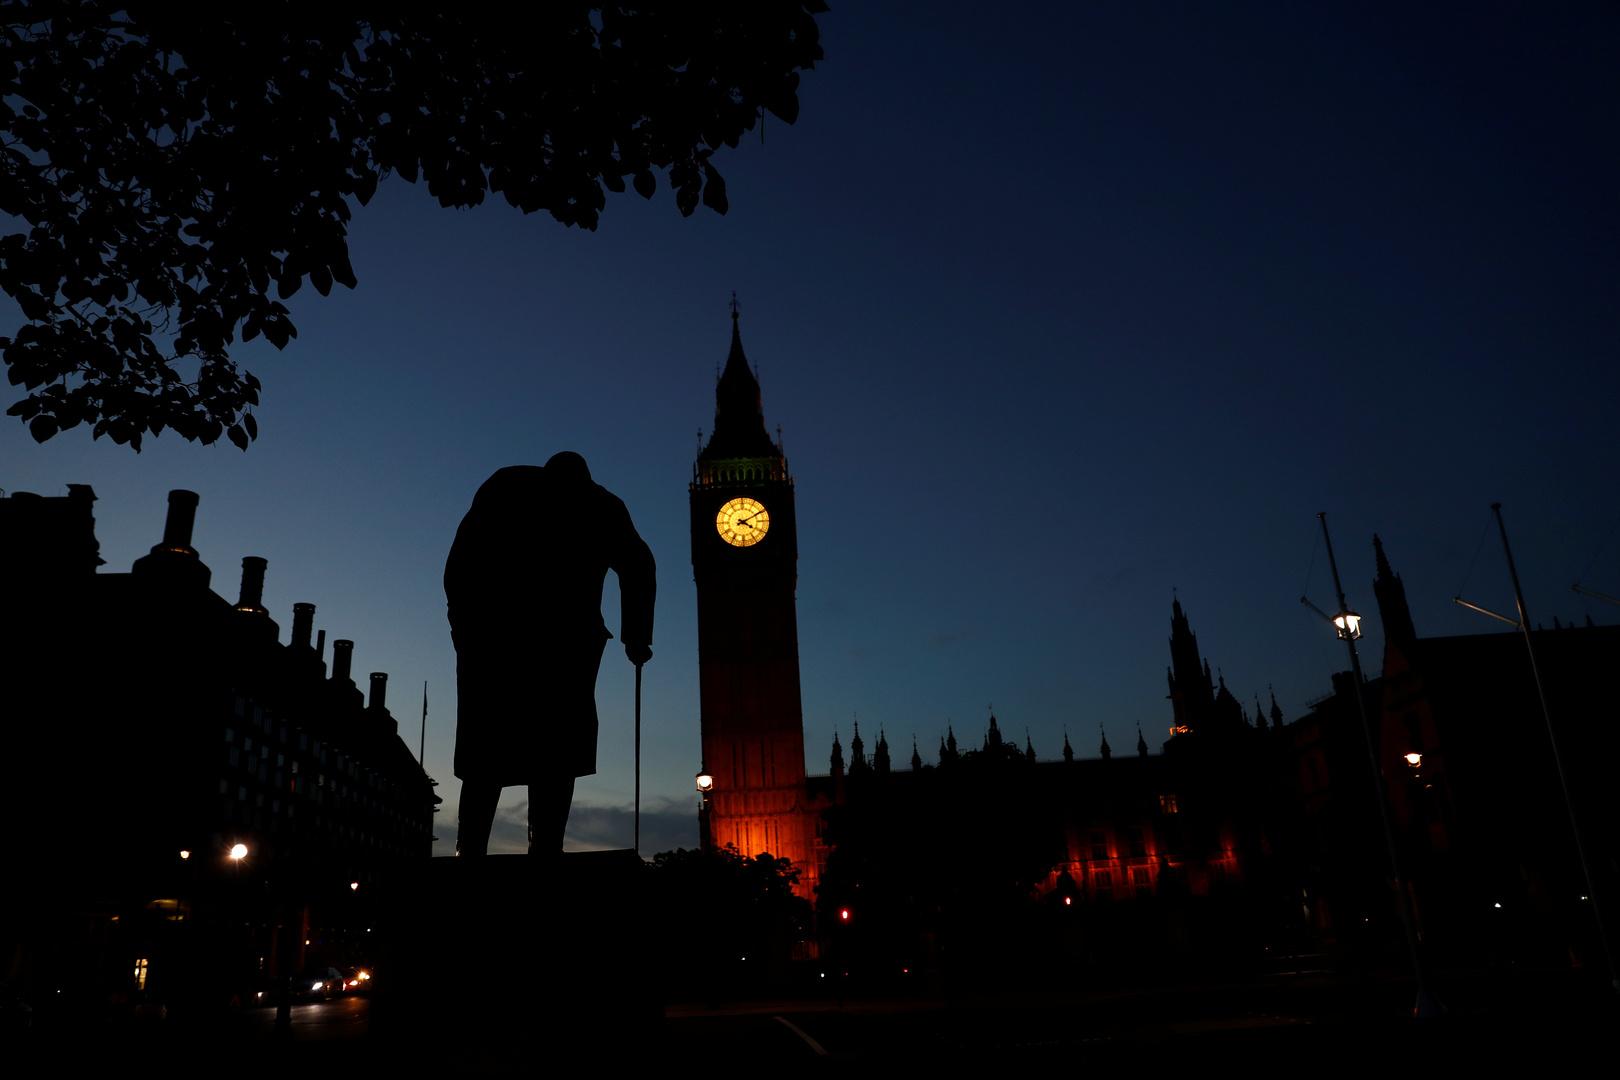 قائد الجيش البريطاني يحذر من خطر اندلاع حرب عالمية ثالثة